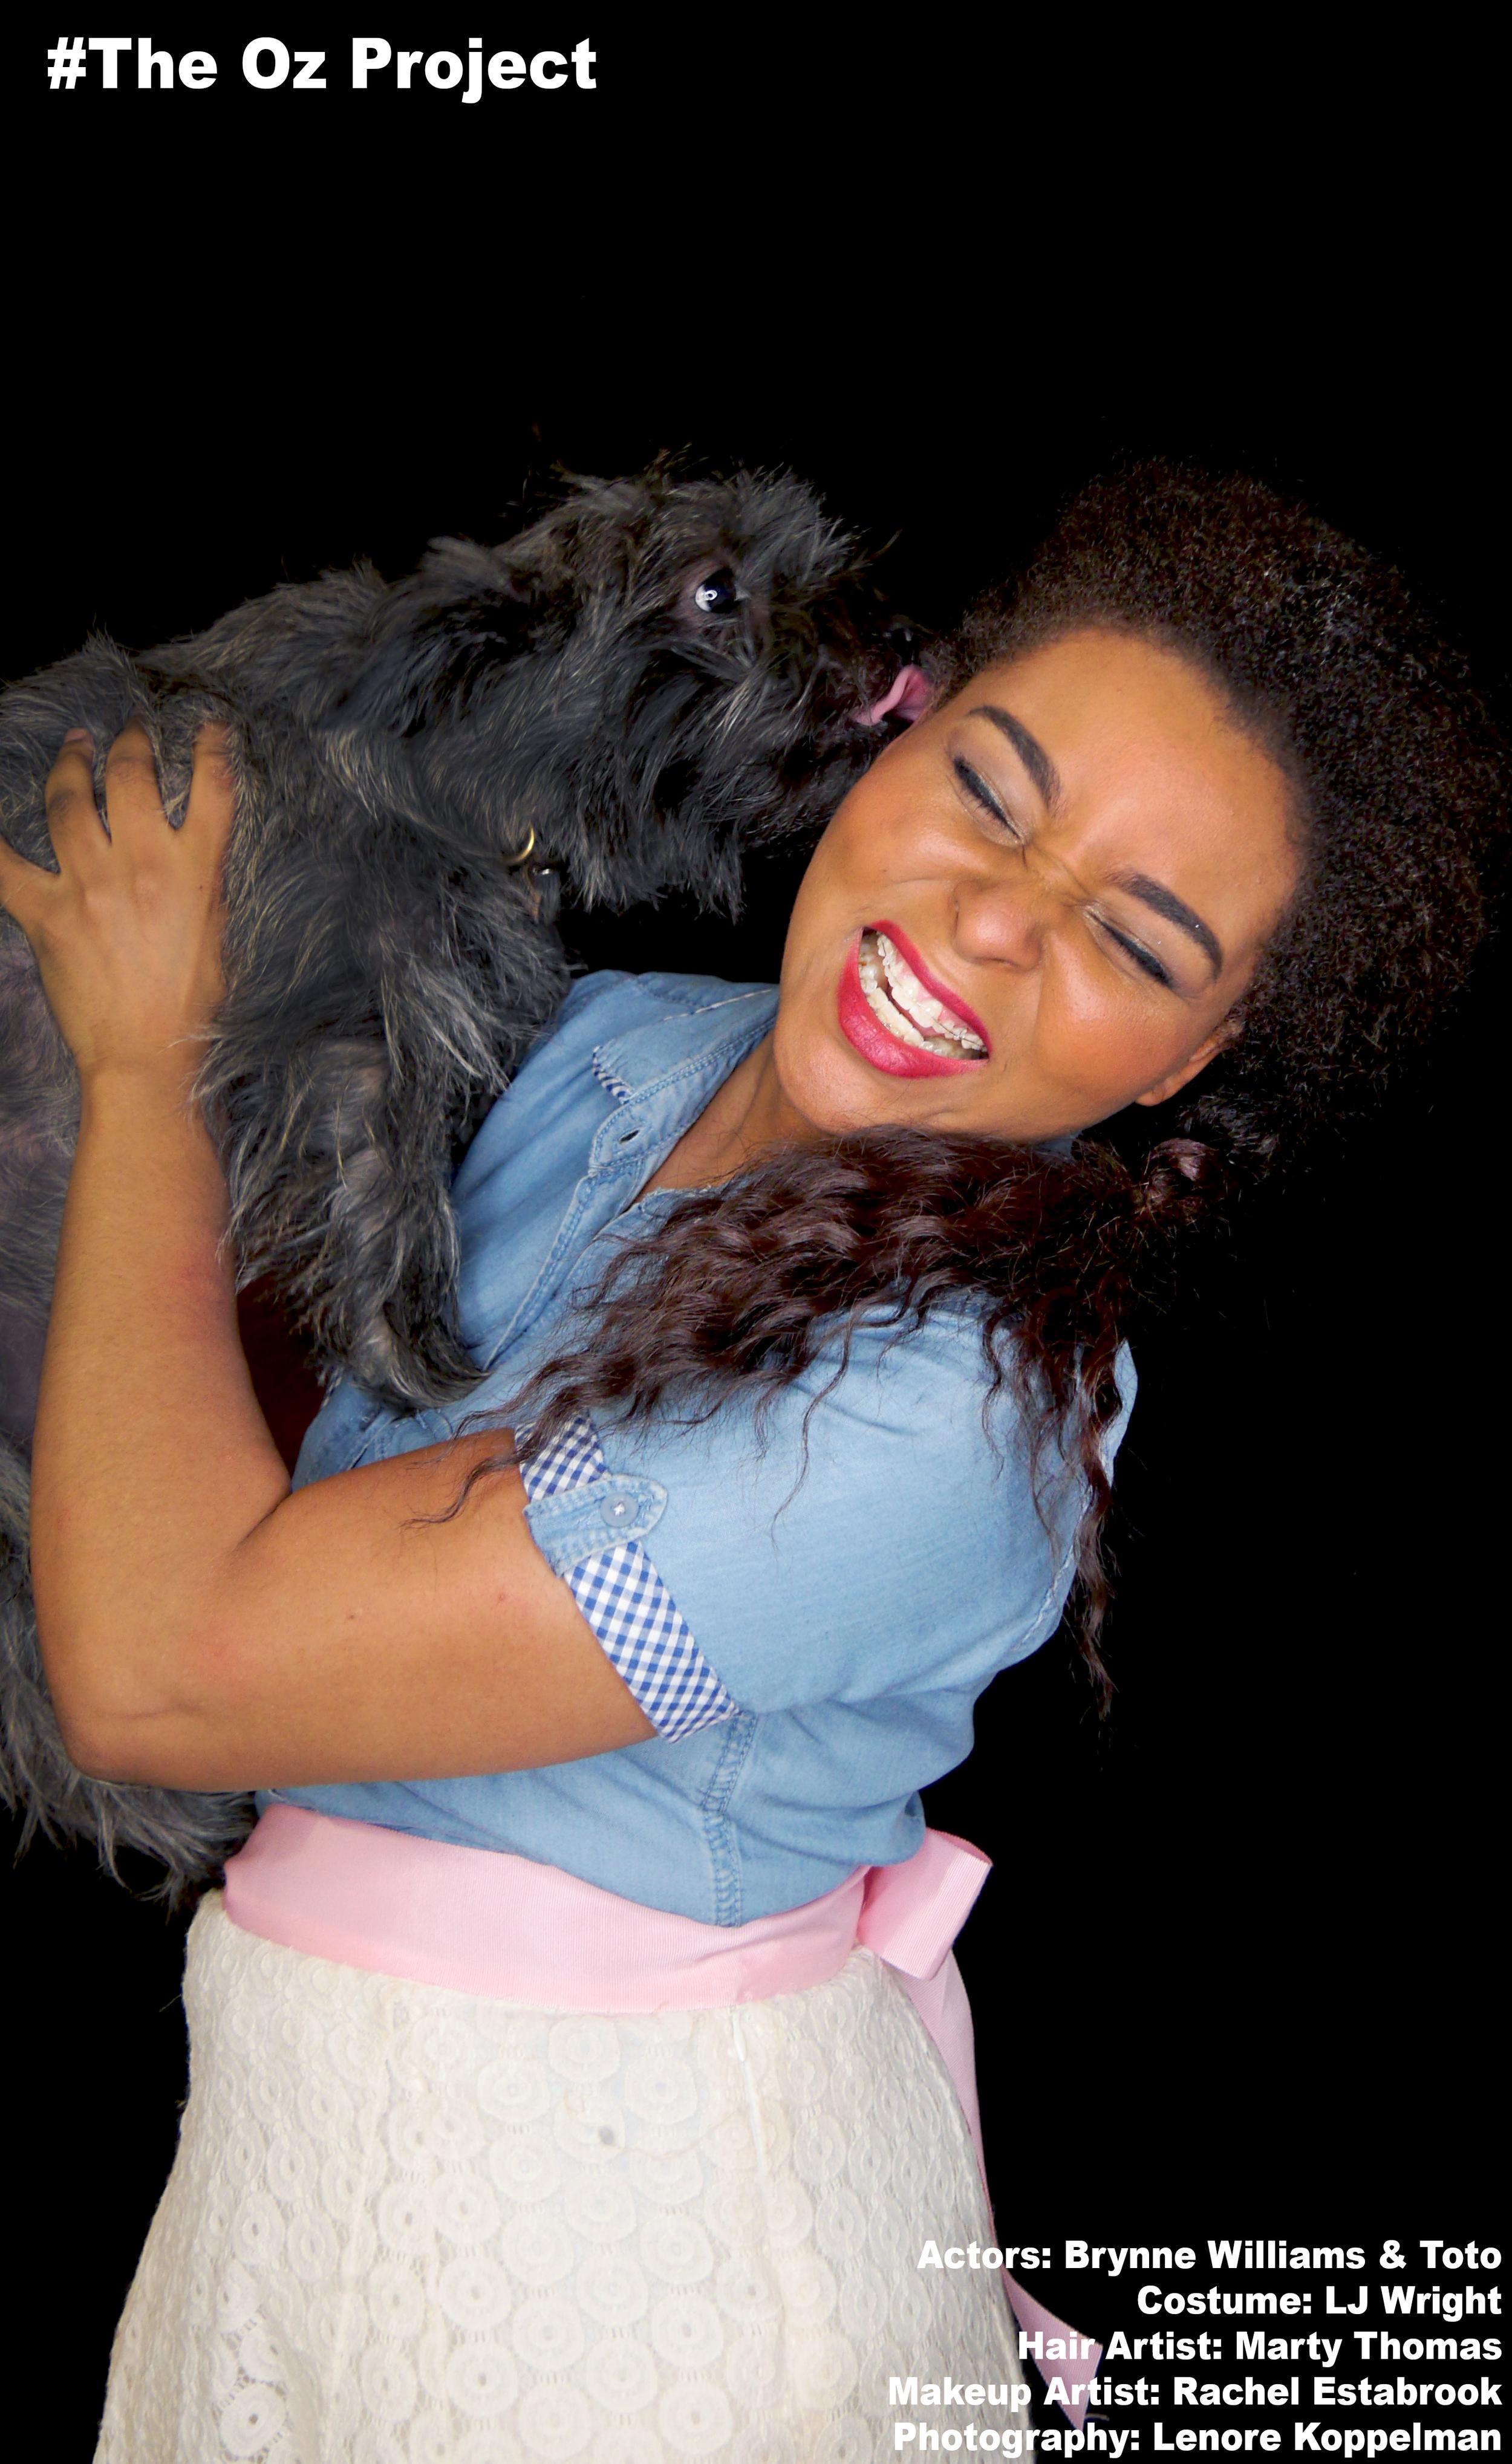 Brynne Williams Toto lick TOP.jpg